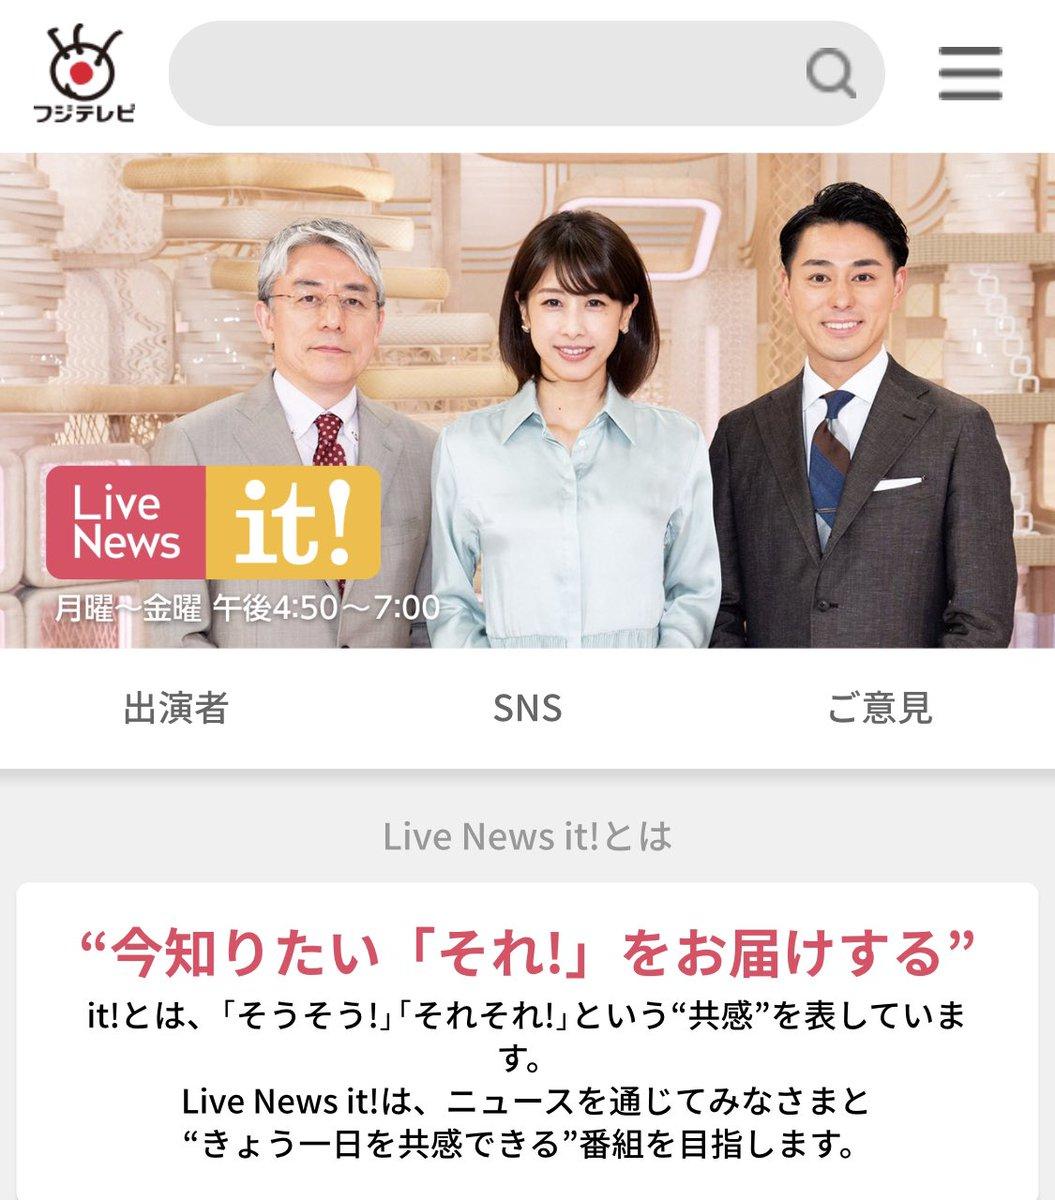 【女子アナ】視聴率が3%台に 加藤綾子アナ、古巣フジでキャスター就任も苦戦